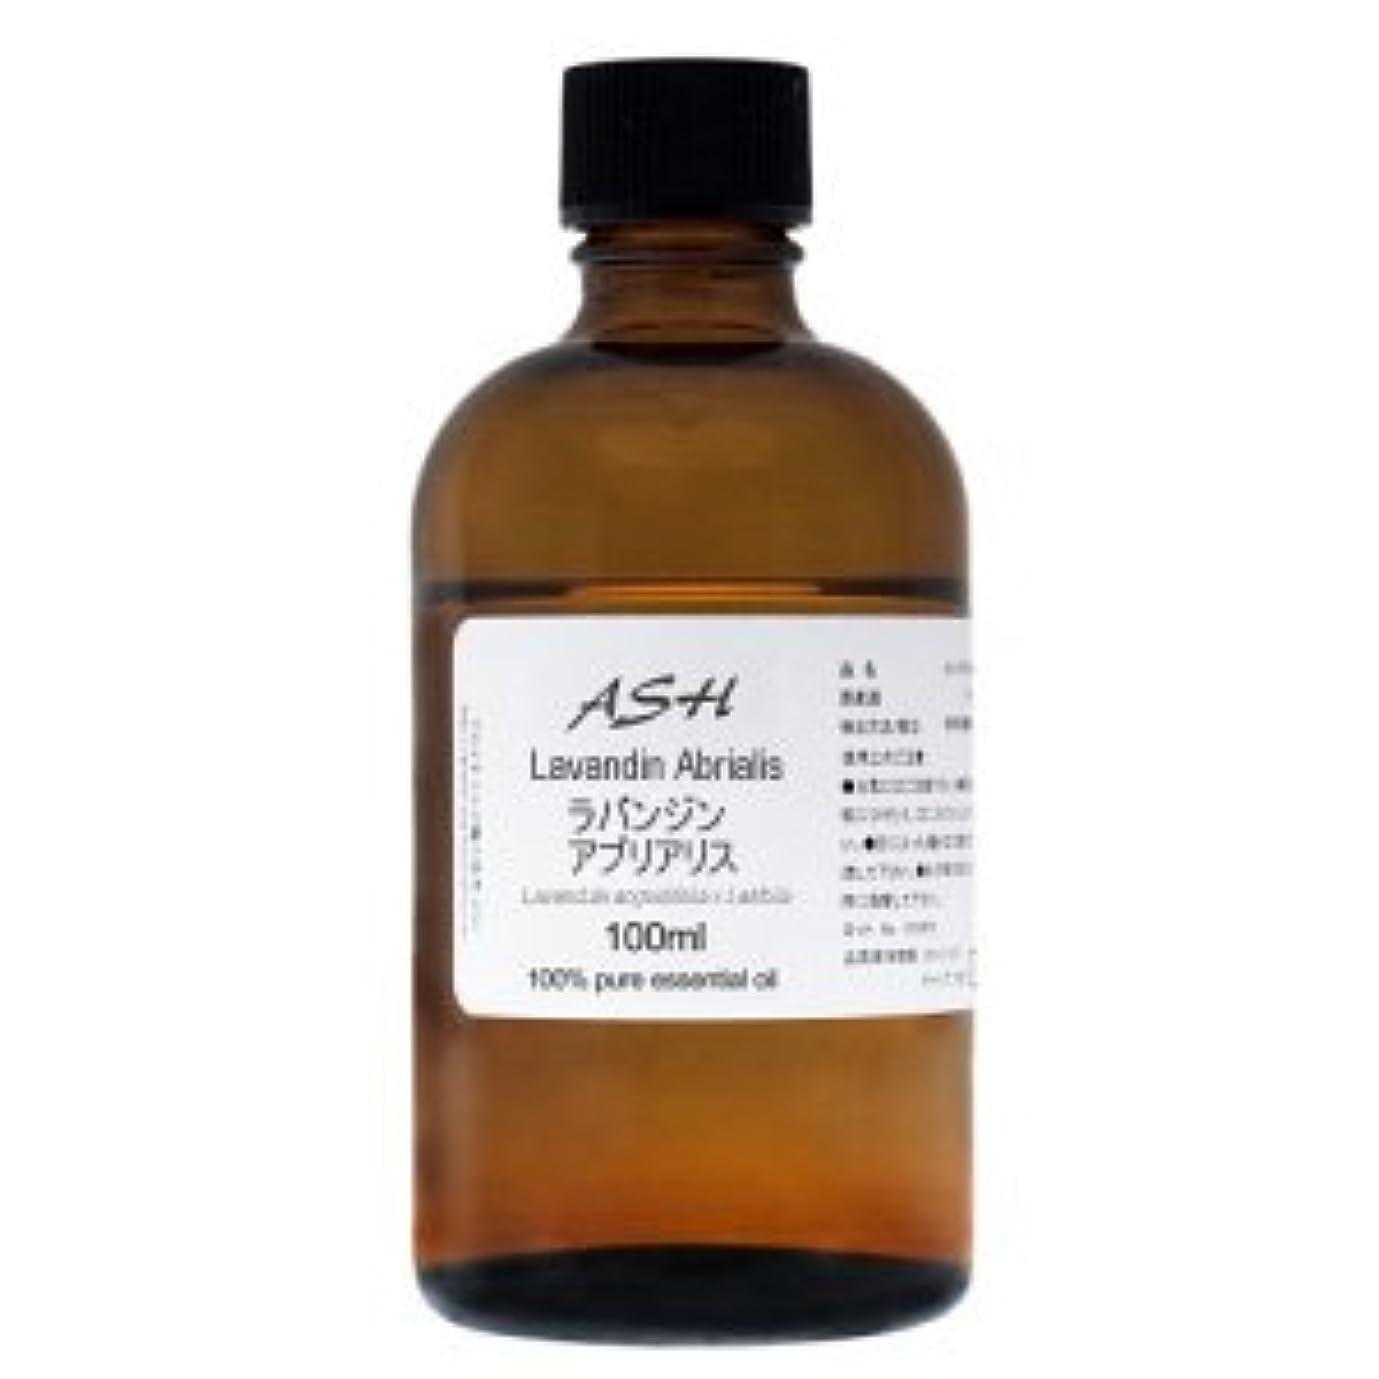 テクニカルアーサー宇宙ASH ラバンジン アブリアリス エッセンシャルオイル 100ml AEAJ表示基準適合認定精油